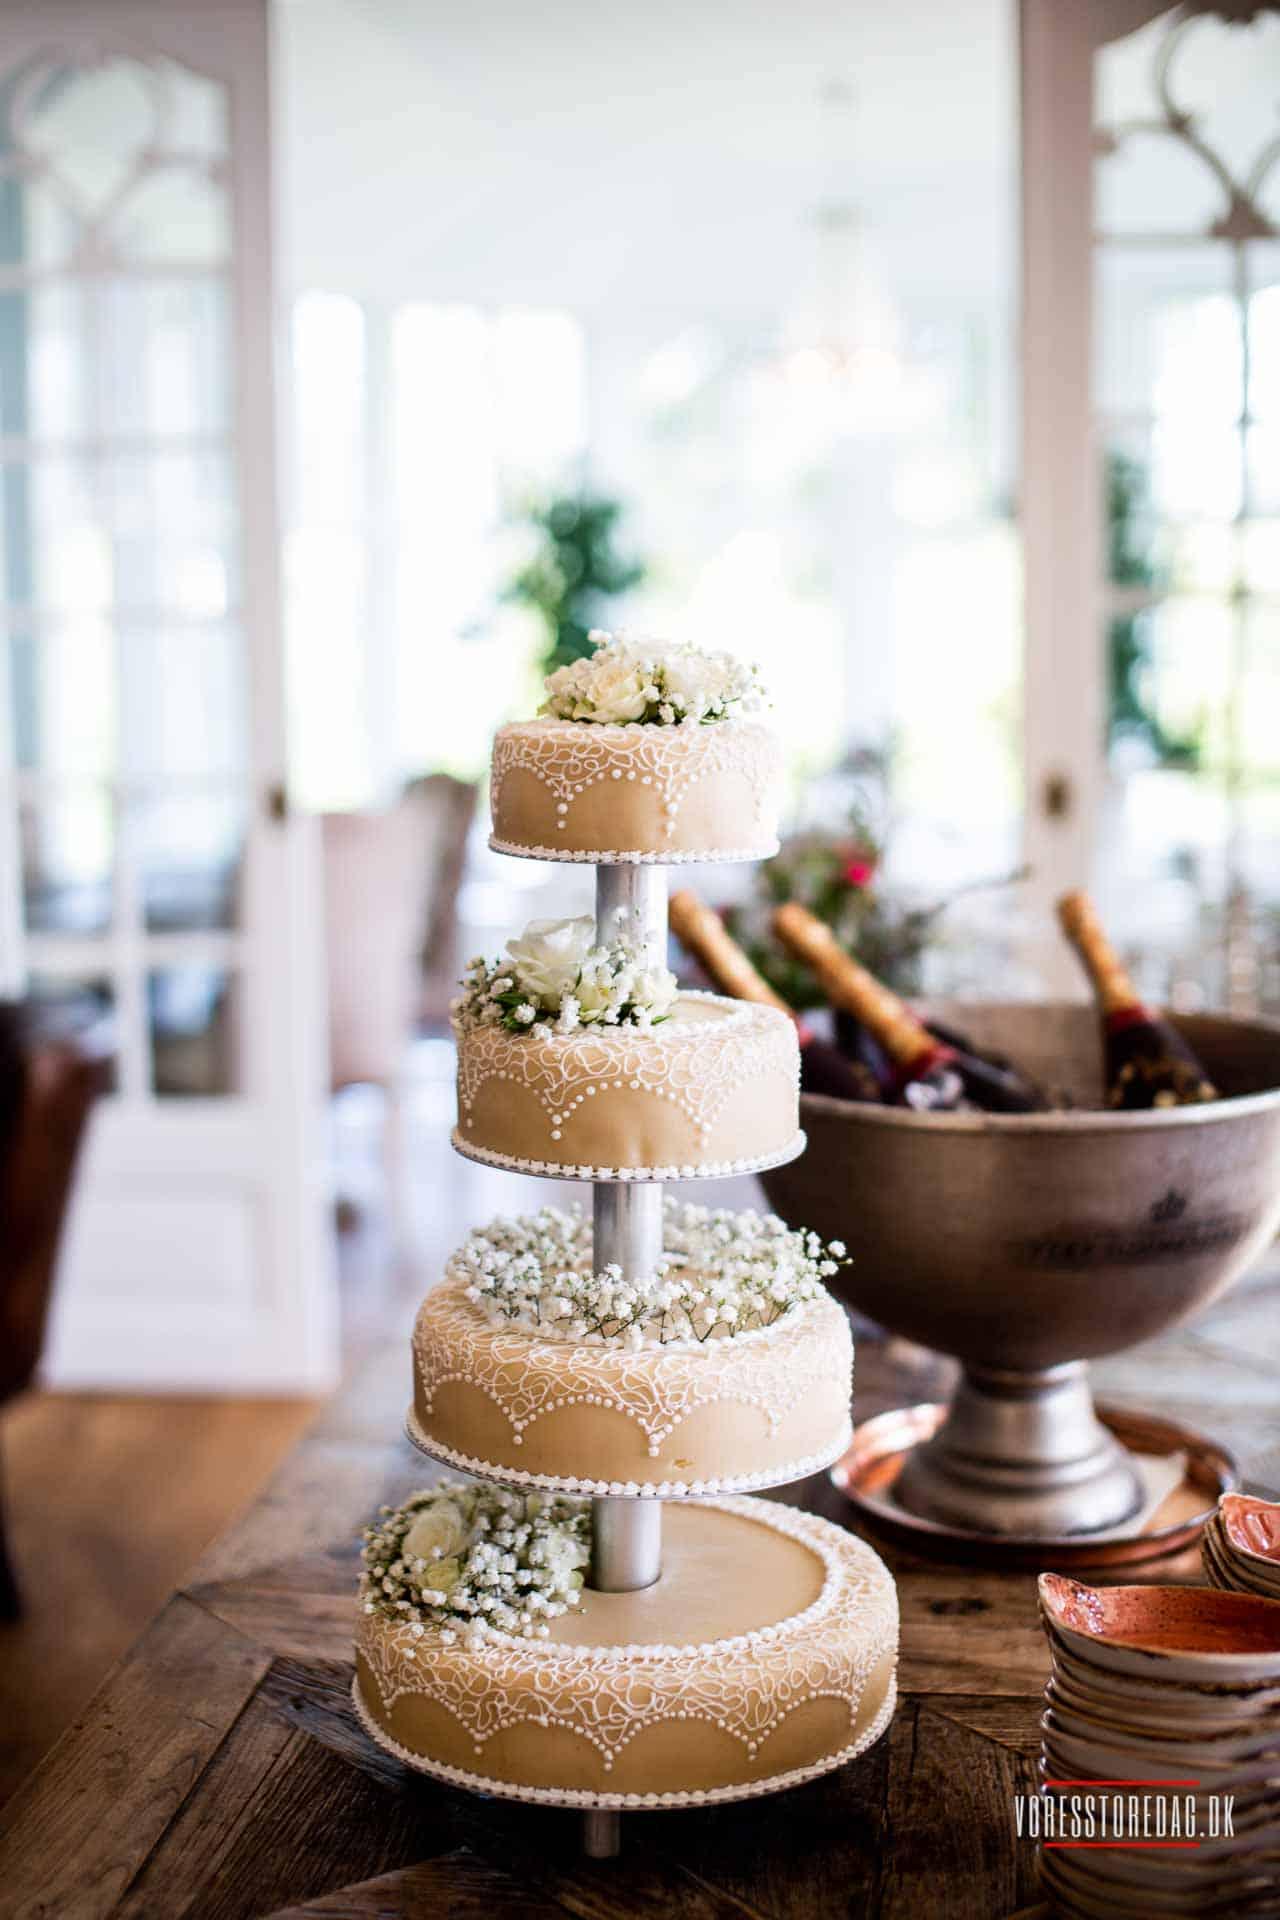 At I bookede jeres bryllupsfotograf i god tid